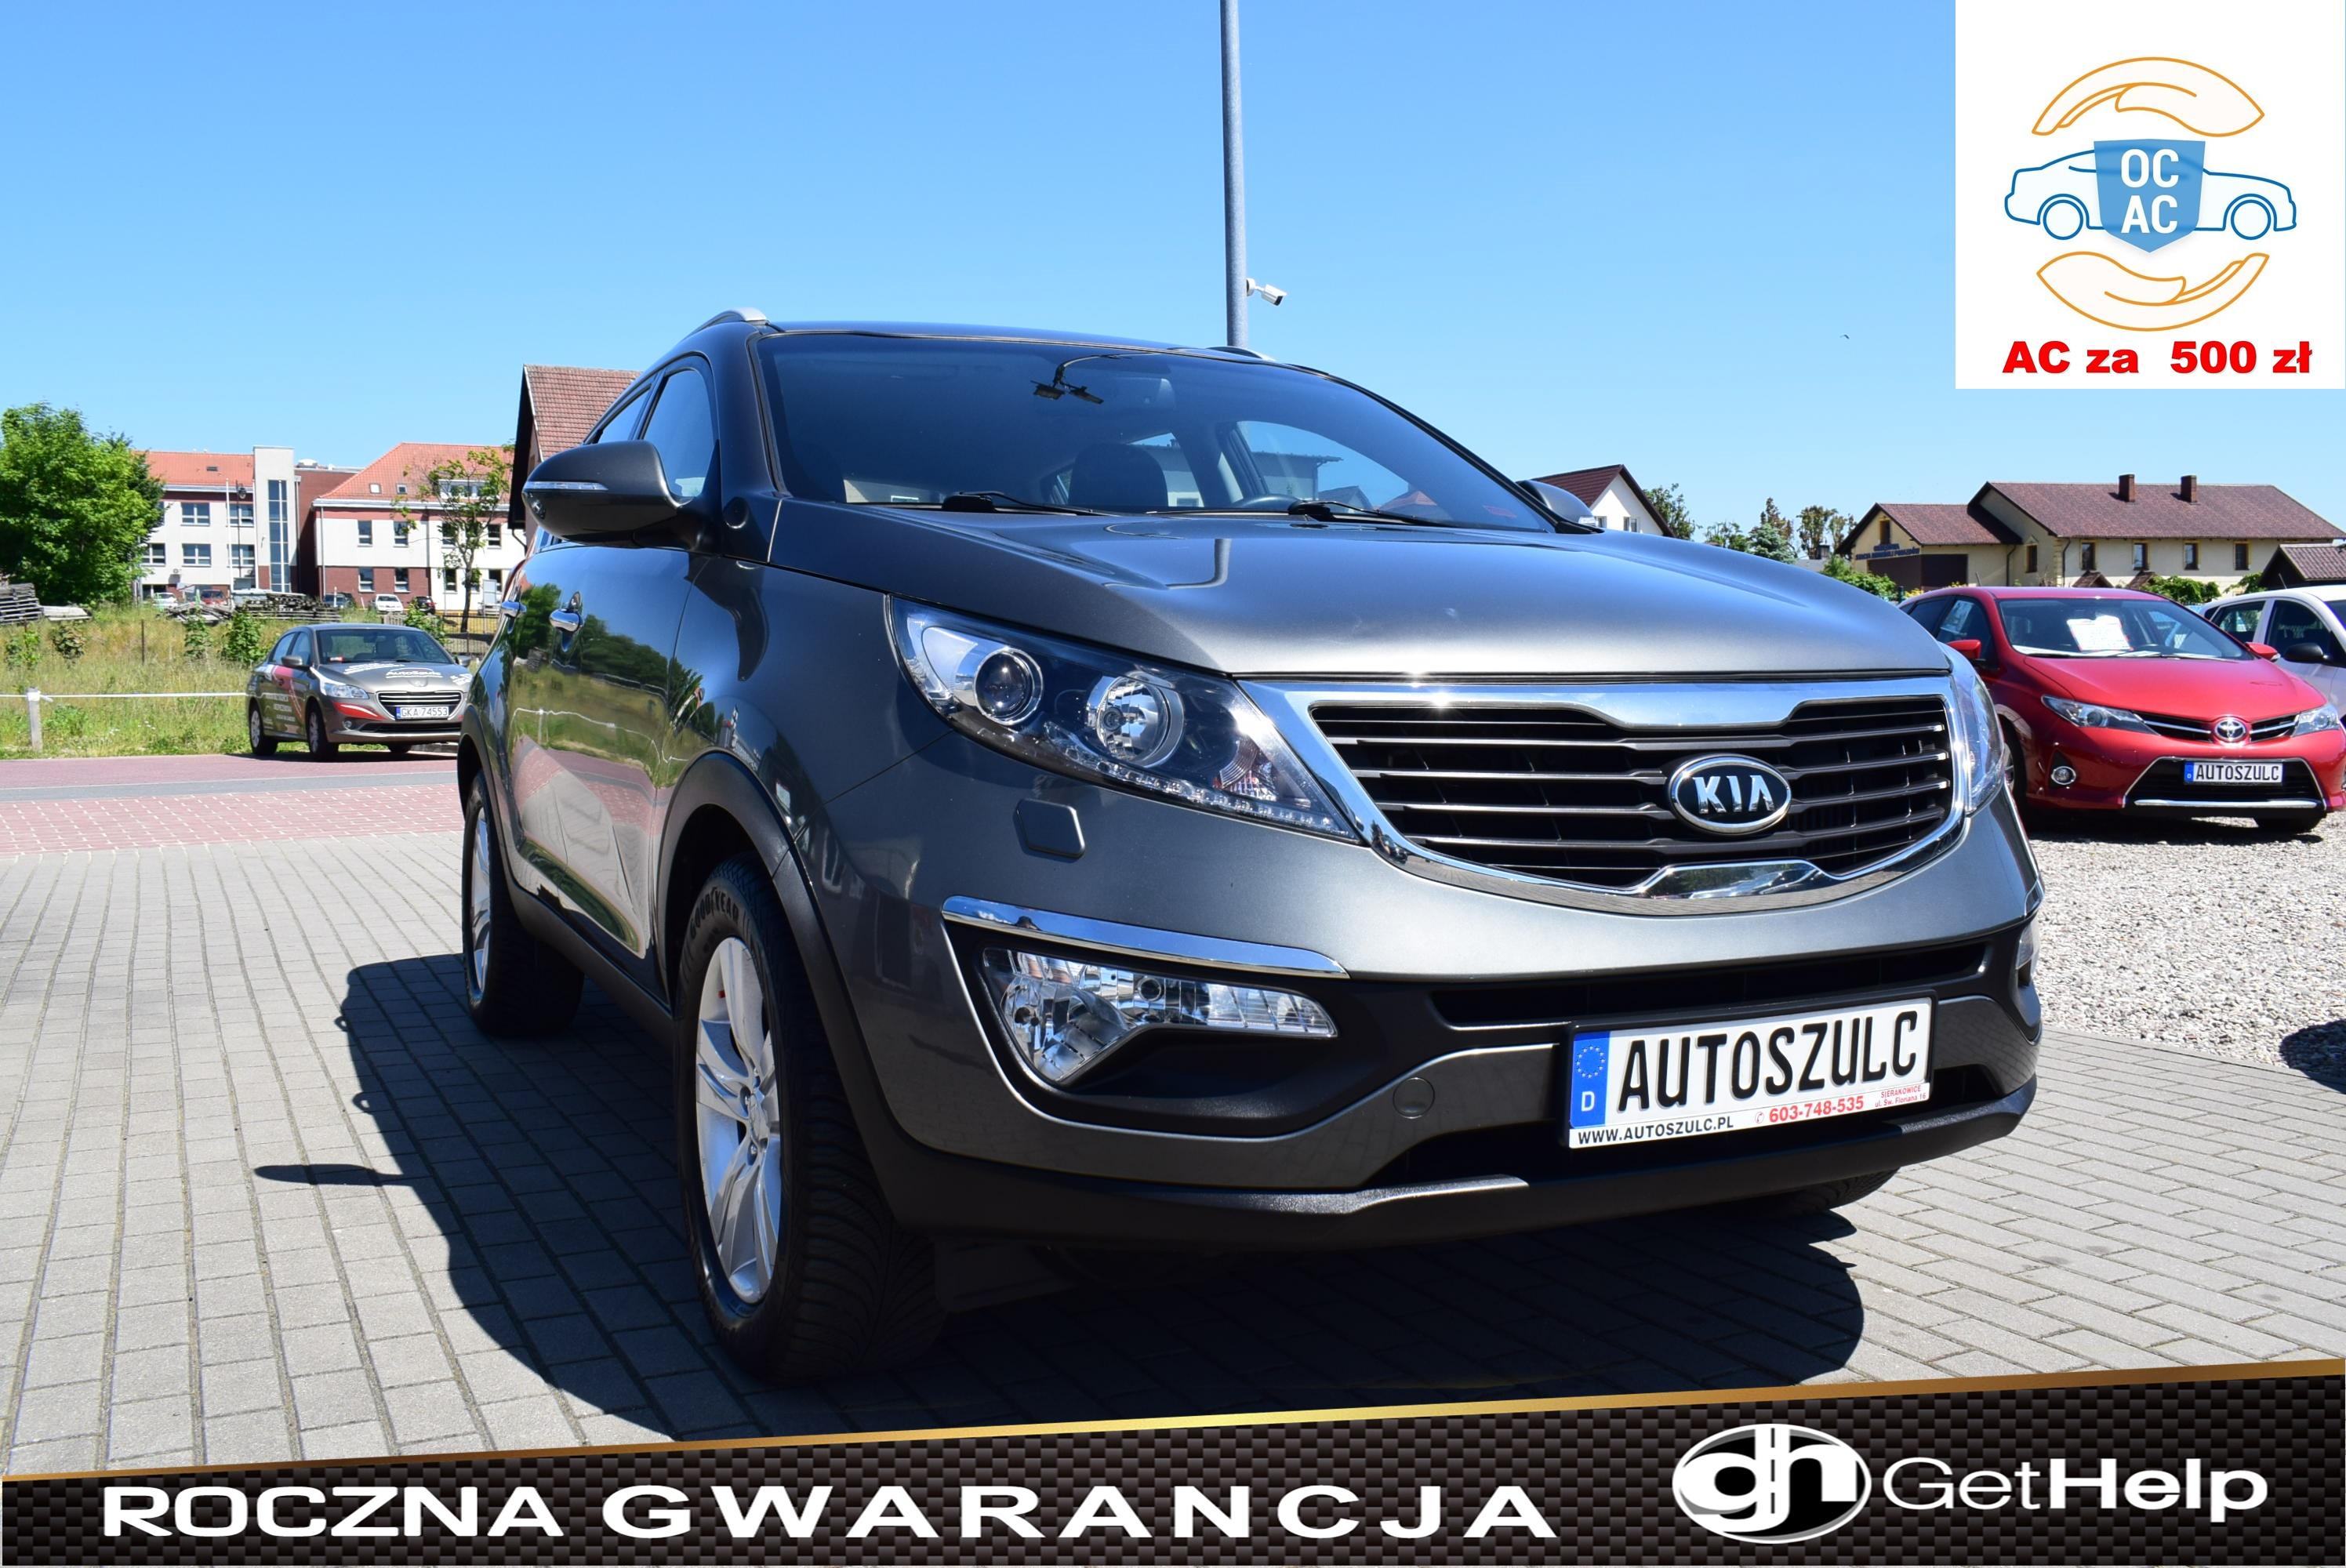 Kia Sportage 1.7 CRDI, SUV, Model : 2013, LED, Czujniki Parkowania, 6-biegów, Tempomat, Zadbany, Rok Gwarancji